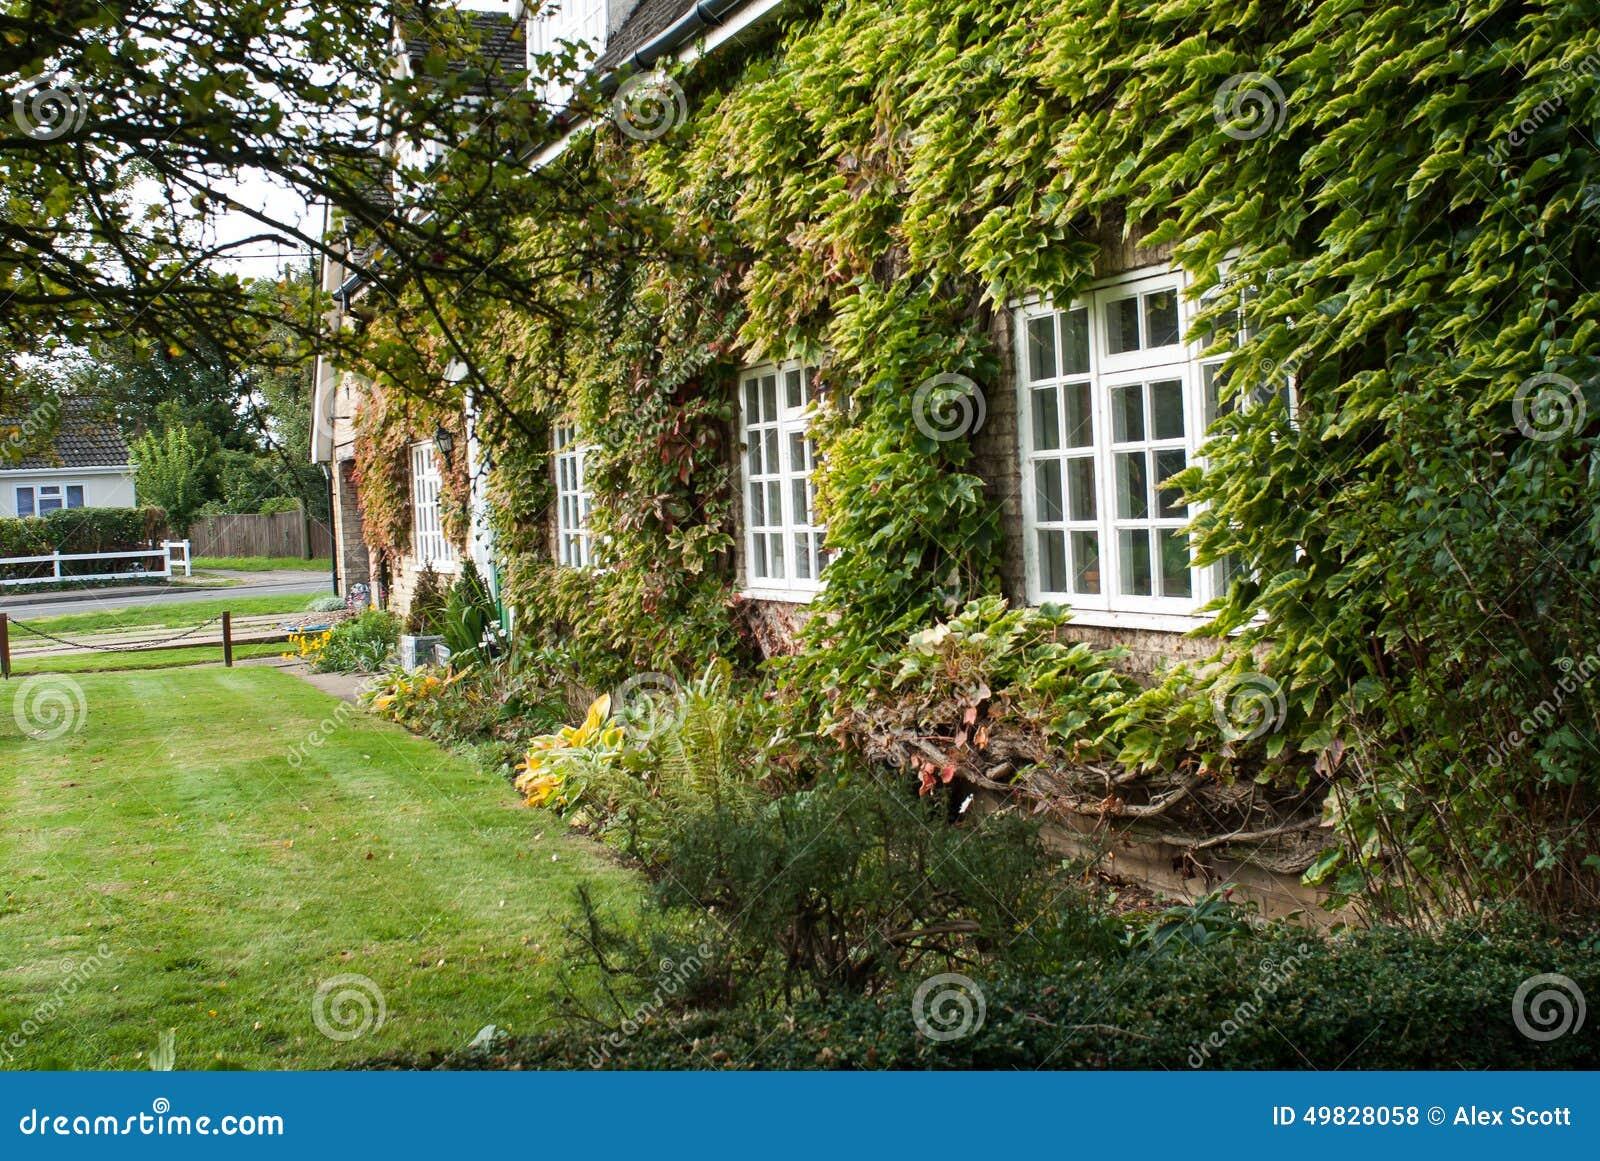 maison de campagne et jardin anglais photo stock image